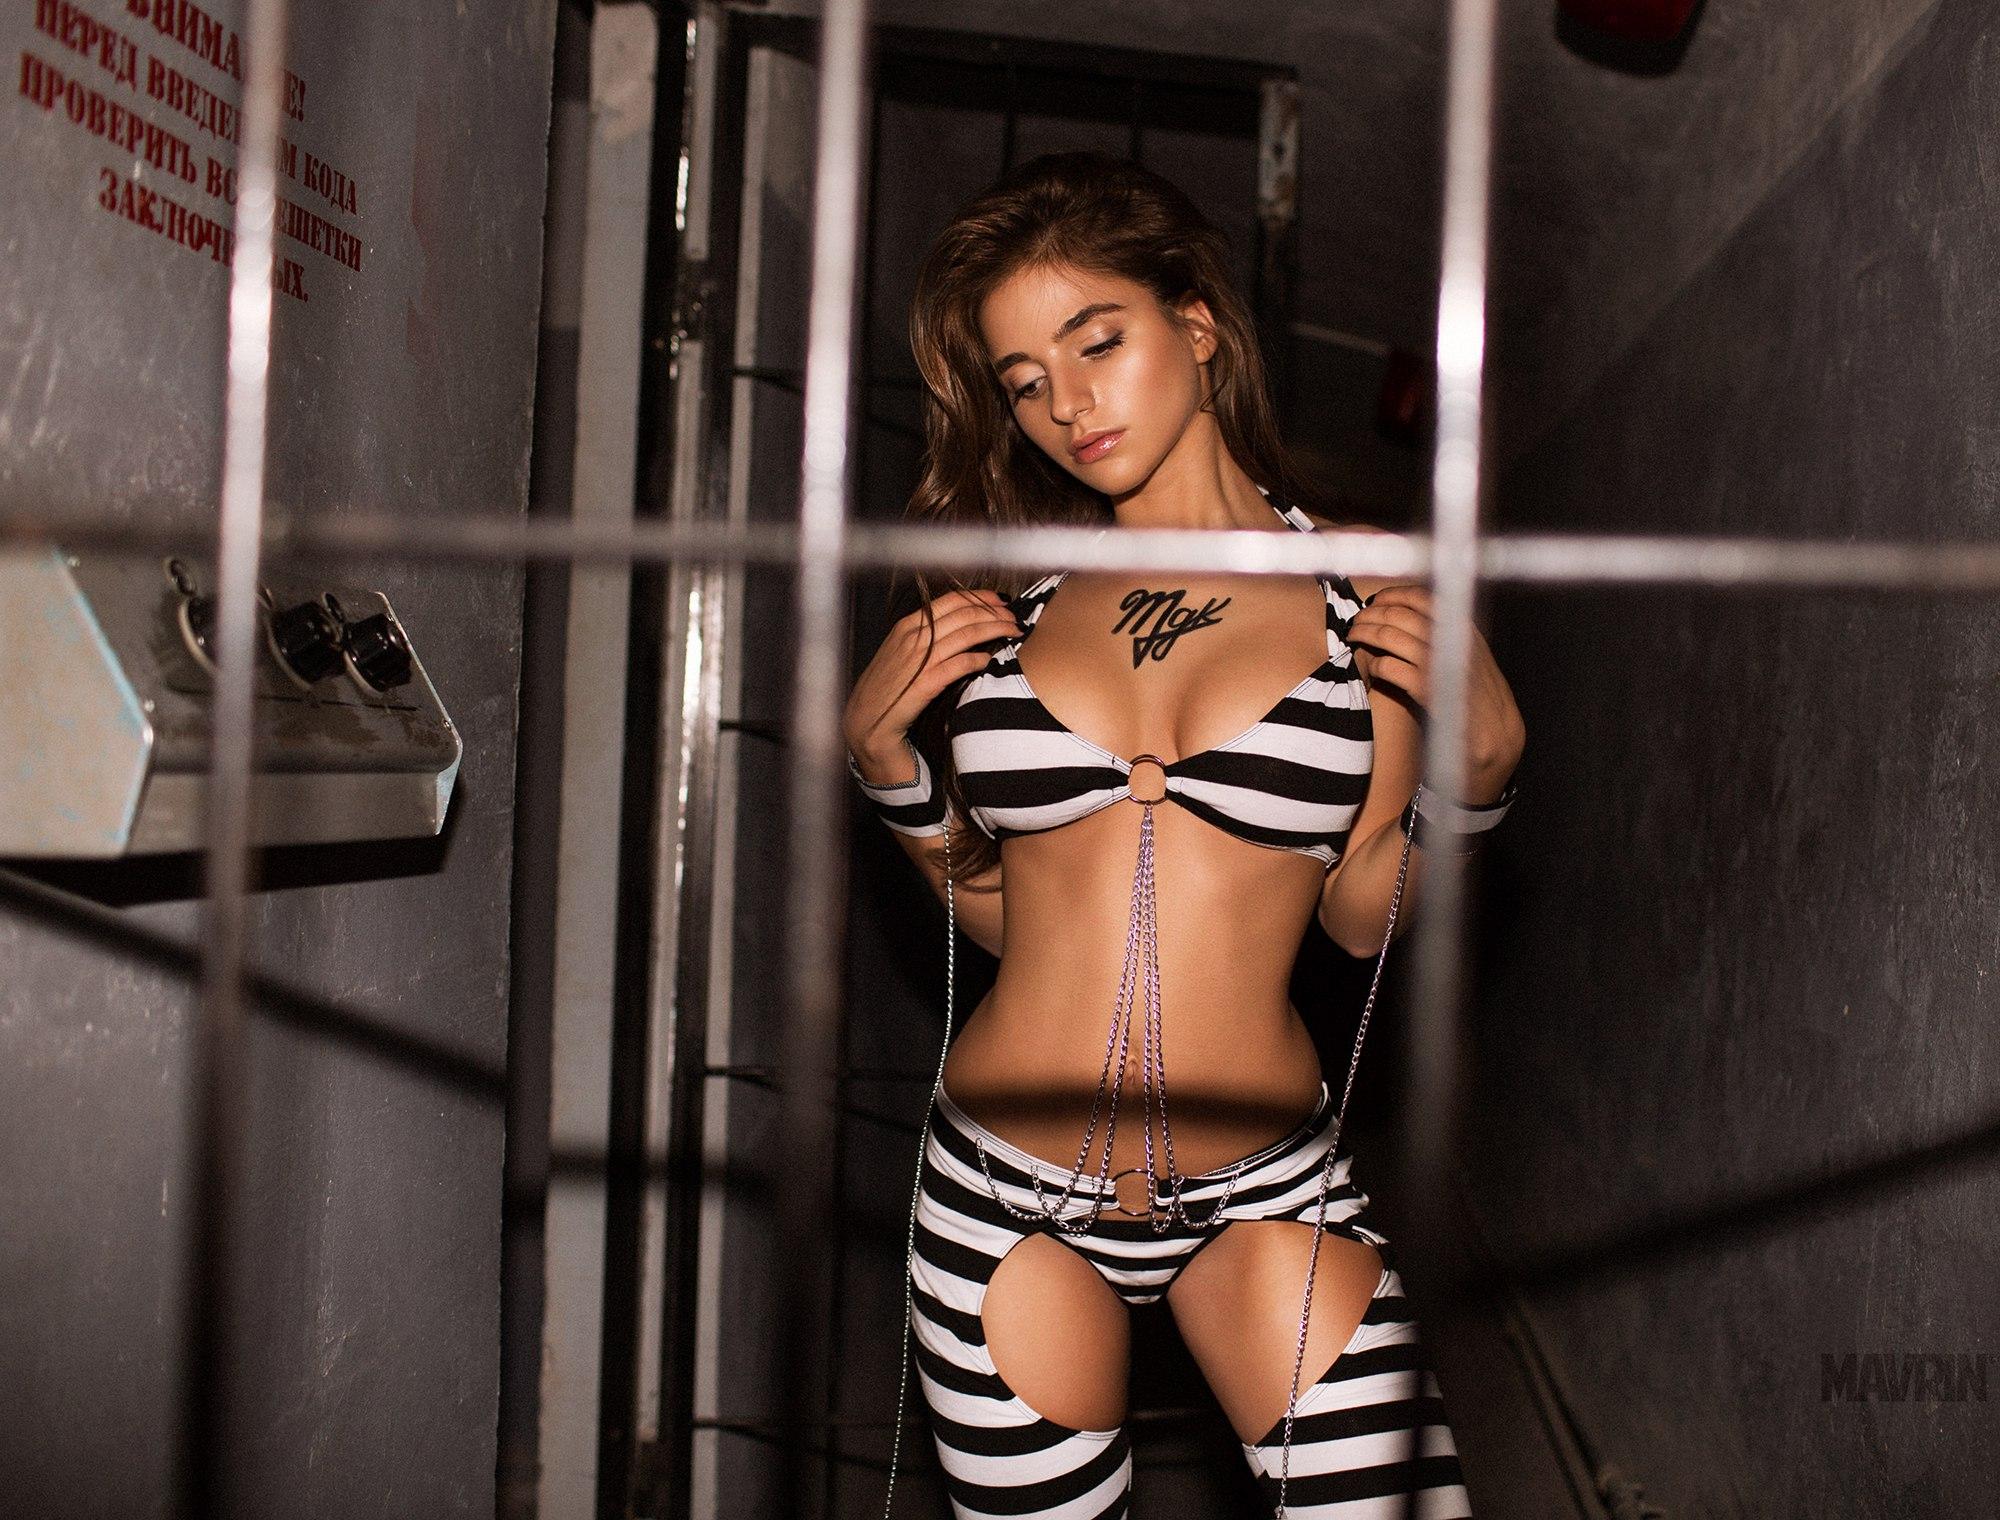 фото красивой девушки за решеткой